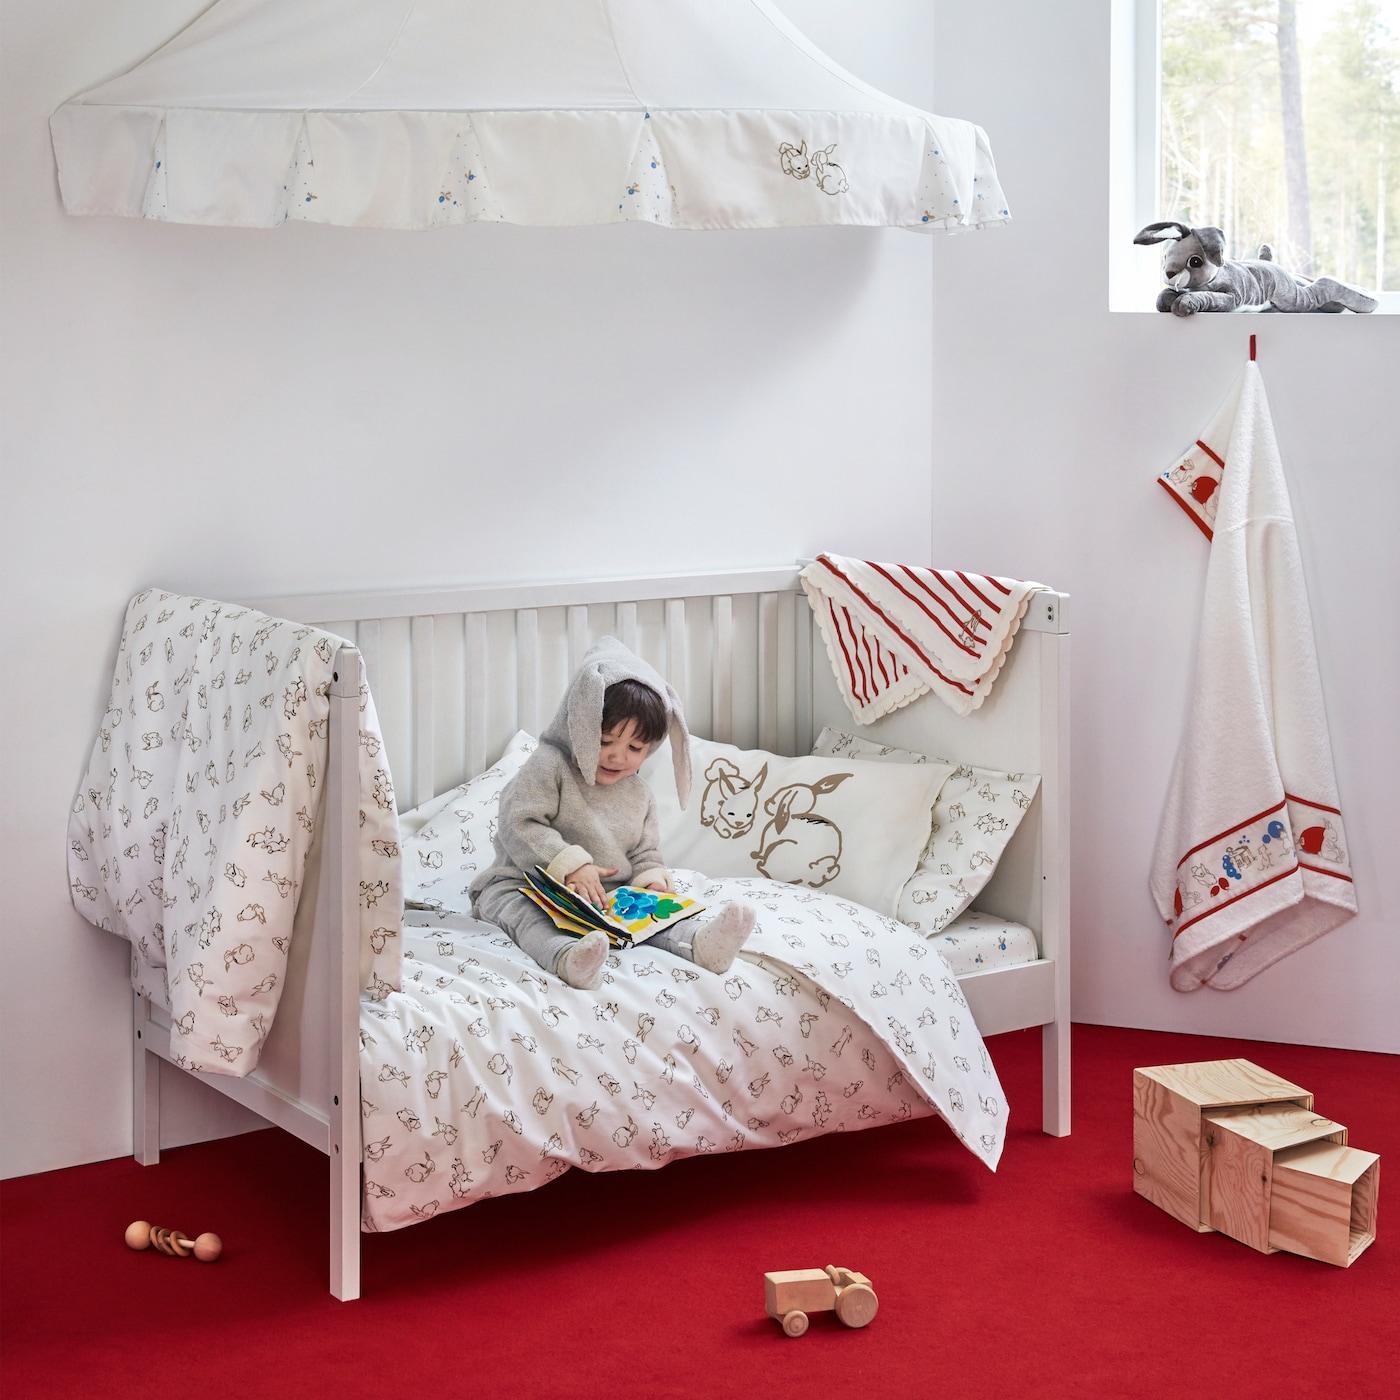 Die RÖDHAKE Babytextilkollektion bietet auf Bettwäsche, Decke, Betthimmel und mehr freundliche Muster, die von schwedischen Märchenwelten inspiriert sind.